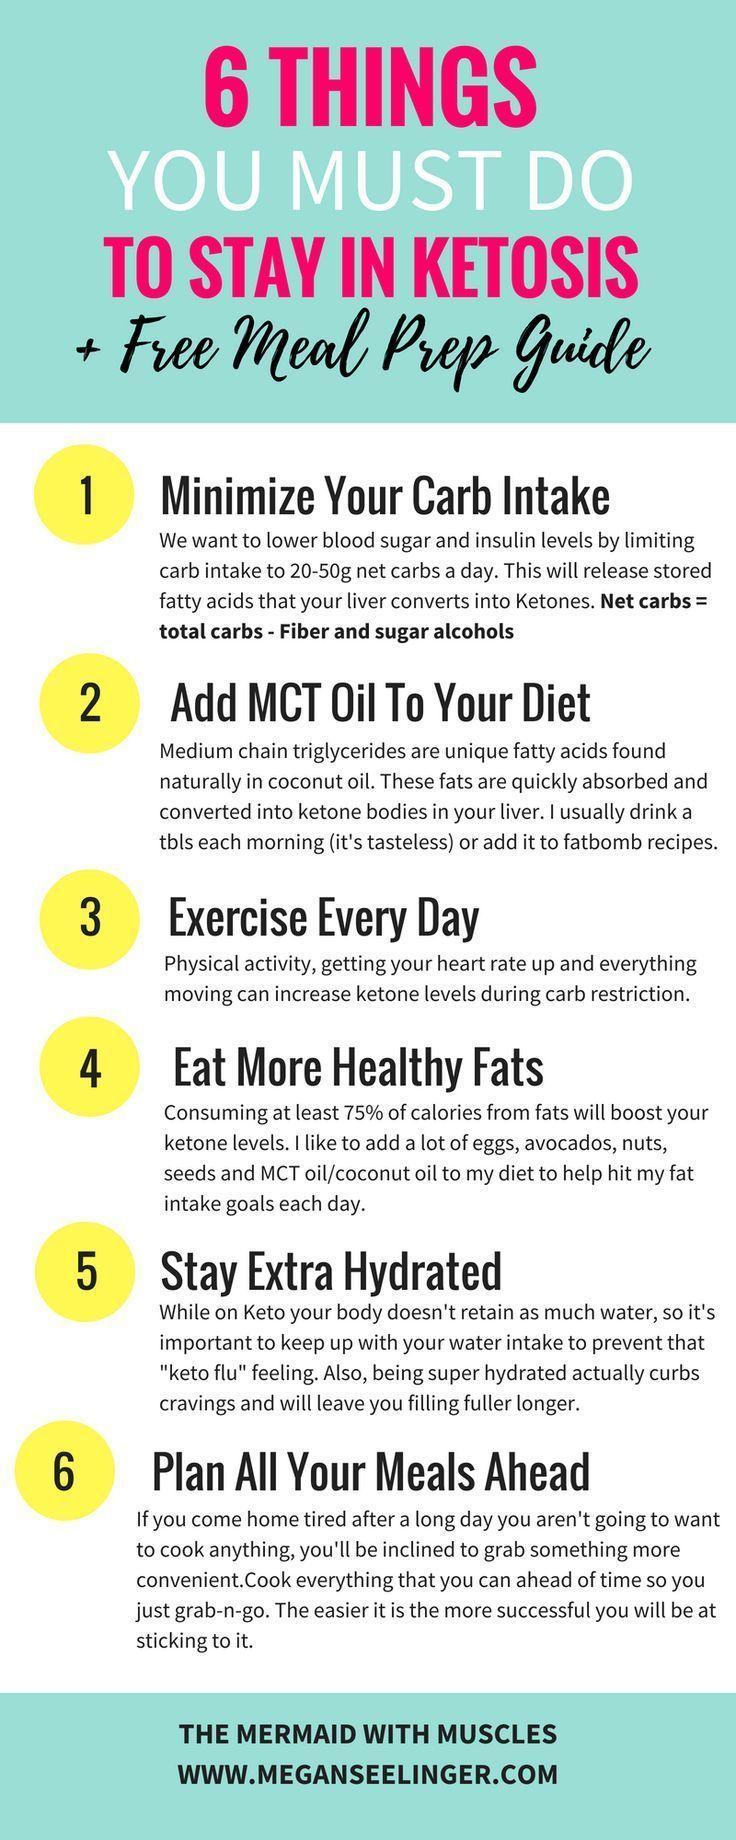 Wie man Gewicht verliert: Trainingspläne und Diät, um Fett zu verbrennen